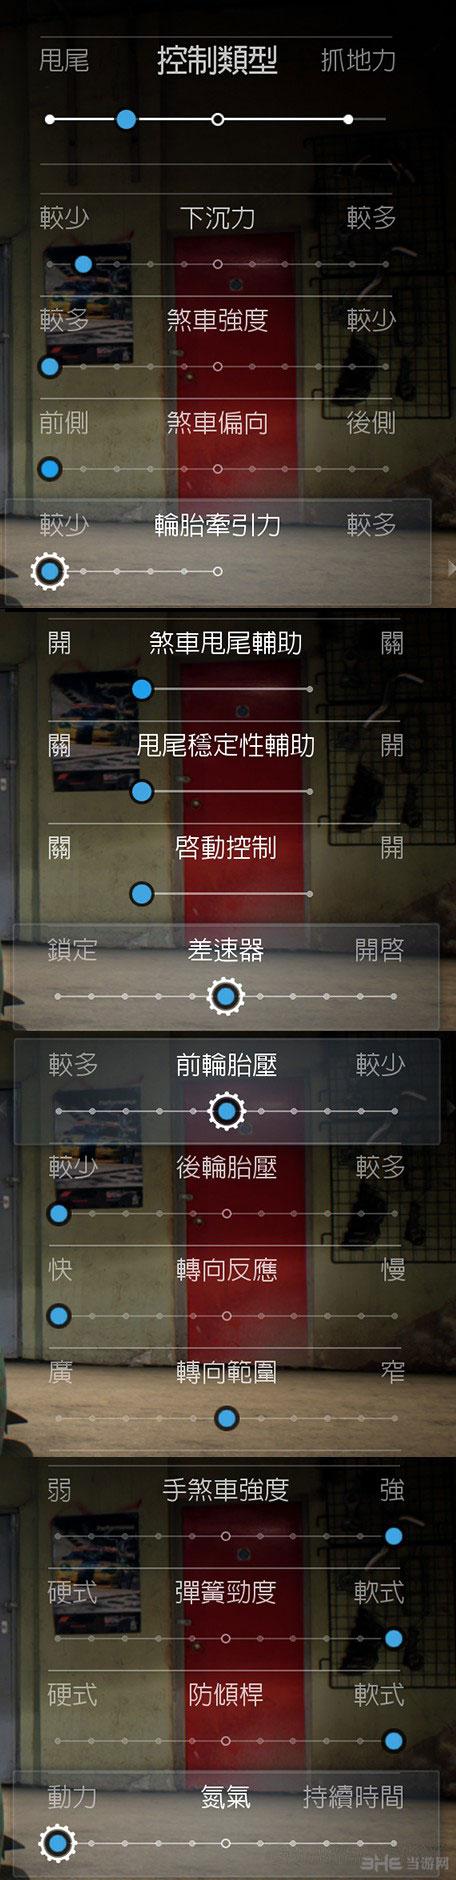 极品飞车19 Huracan调校参数1